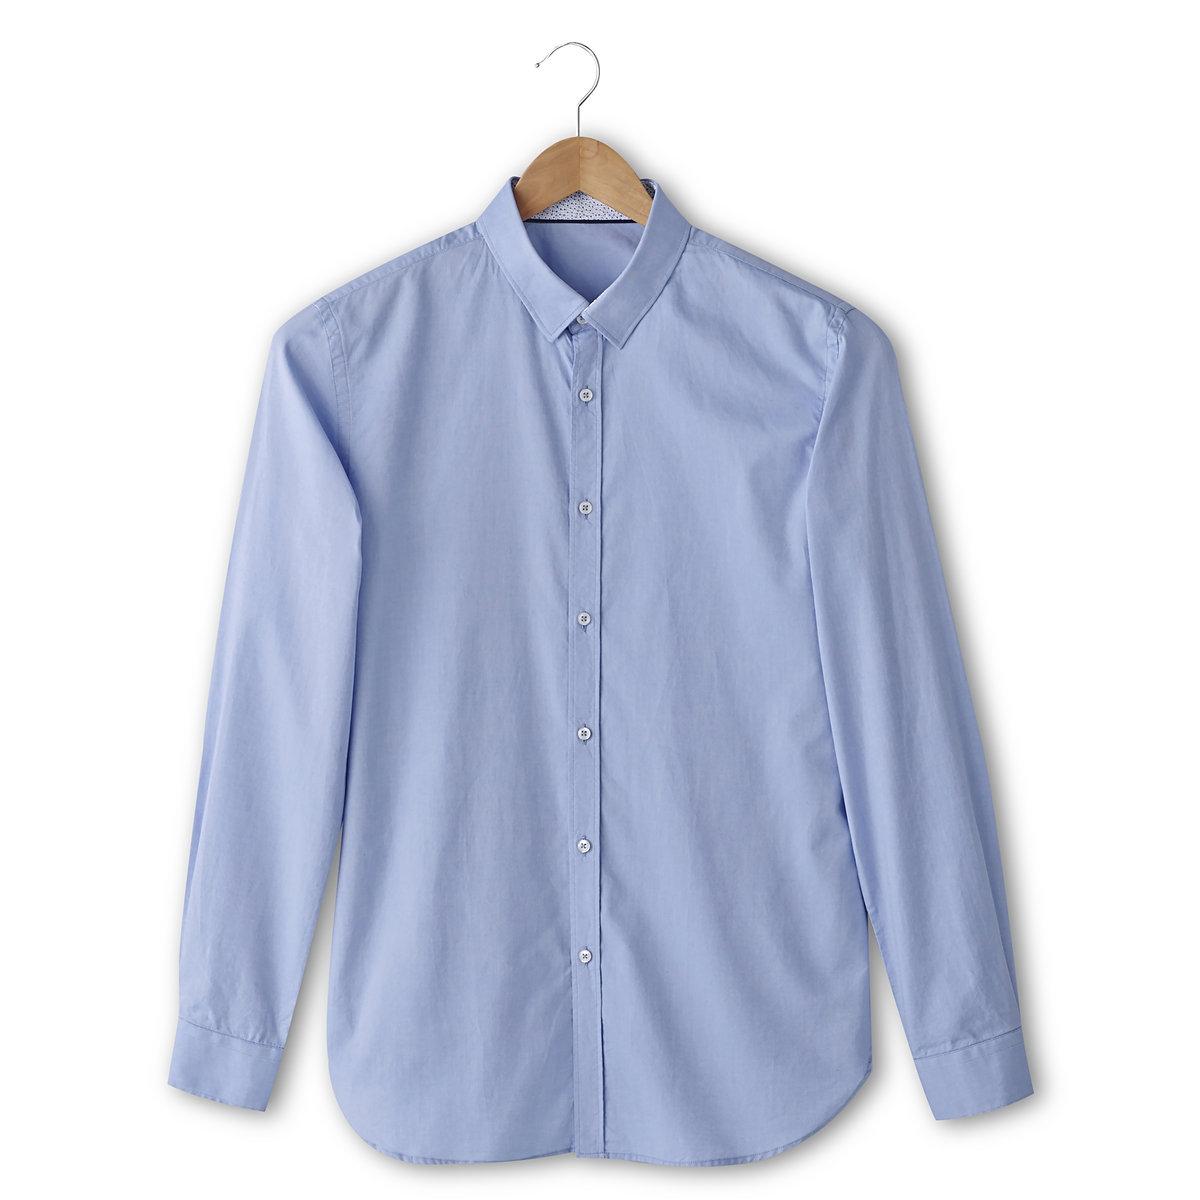 Рубашка-оксфорд, 100% хлопкаРубашка-оксфорд Esprit, 100% хлопка. Длинные рукава и манжеты с застежкой на пуговицы. Свободные уголки воротника.<br><br>Цвет: небесно-голубой<br>Размер: M